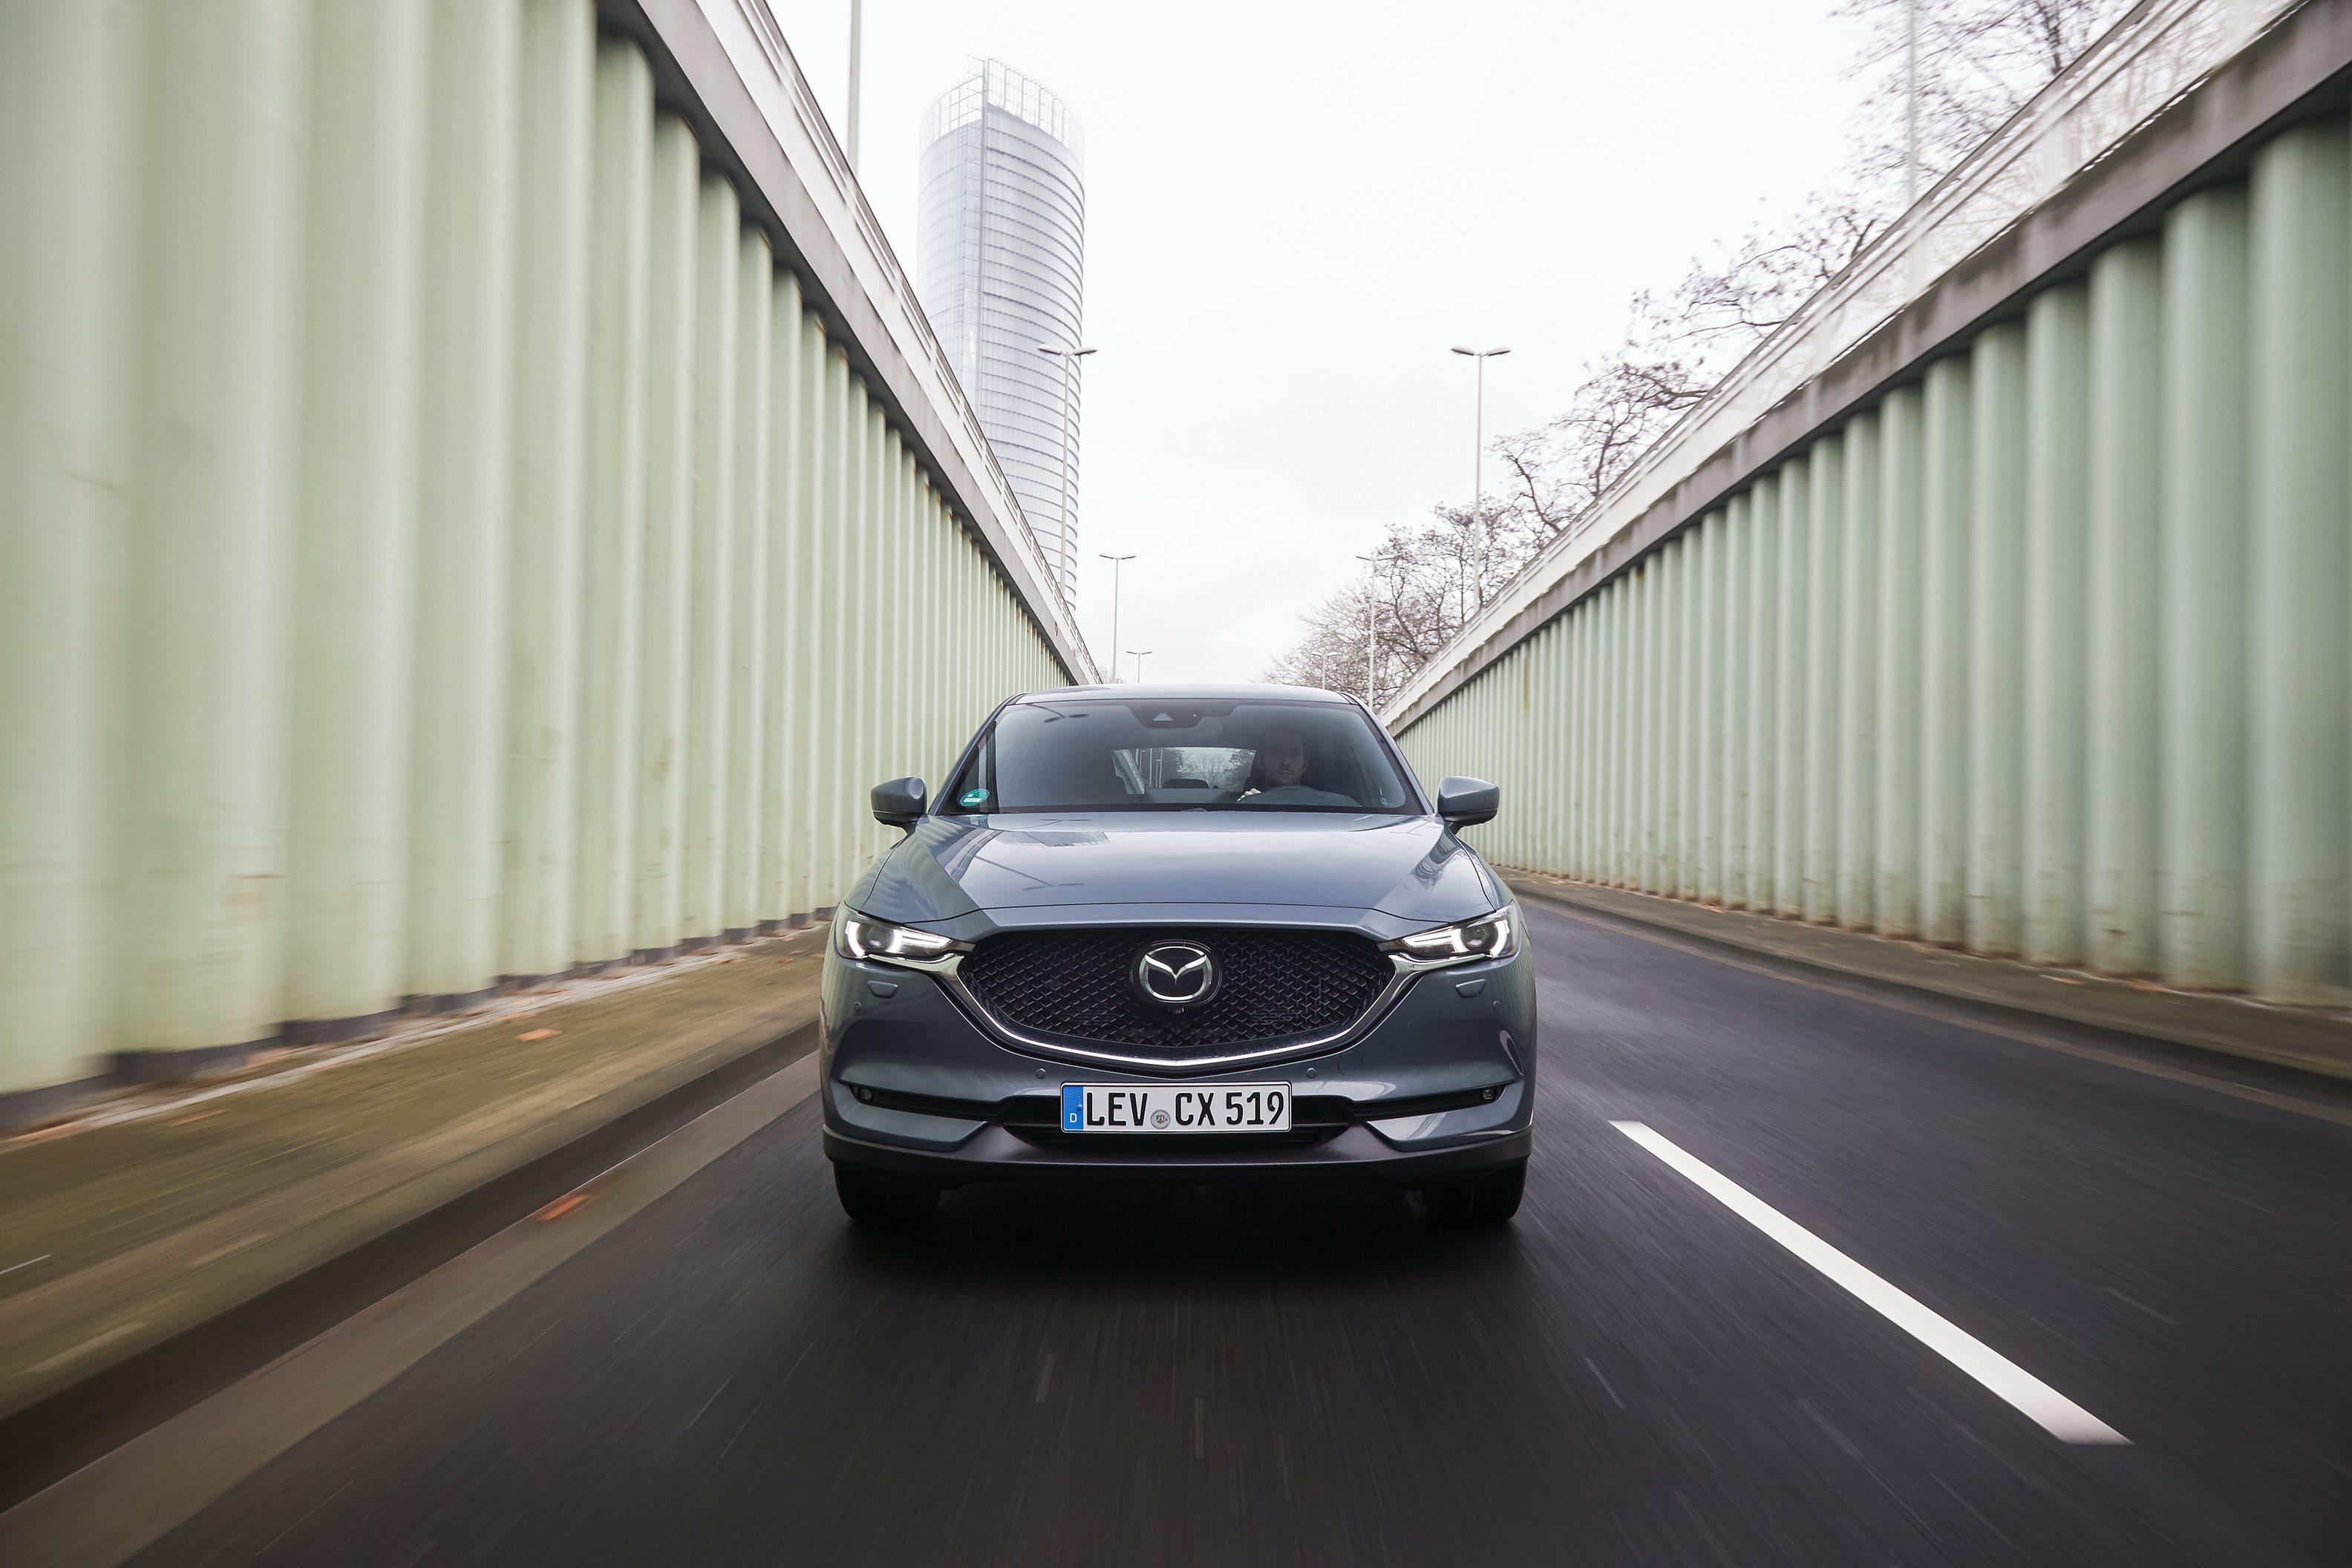 Μέχρι το Μάιο θα έρθει η ειδική έκδοση 'Homura' της Mazda